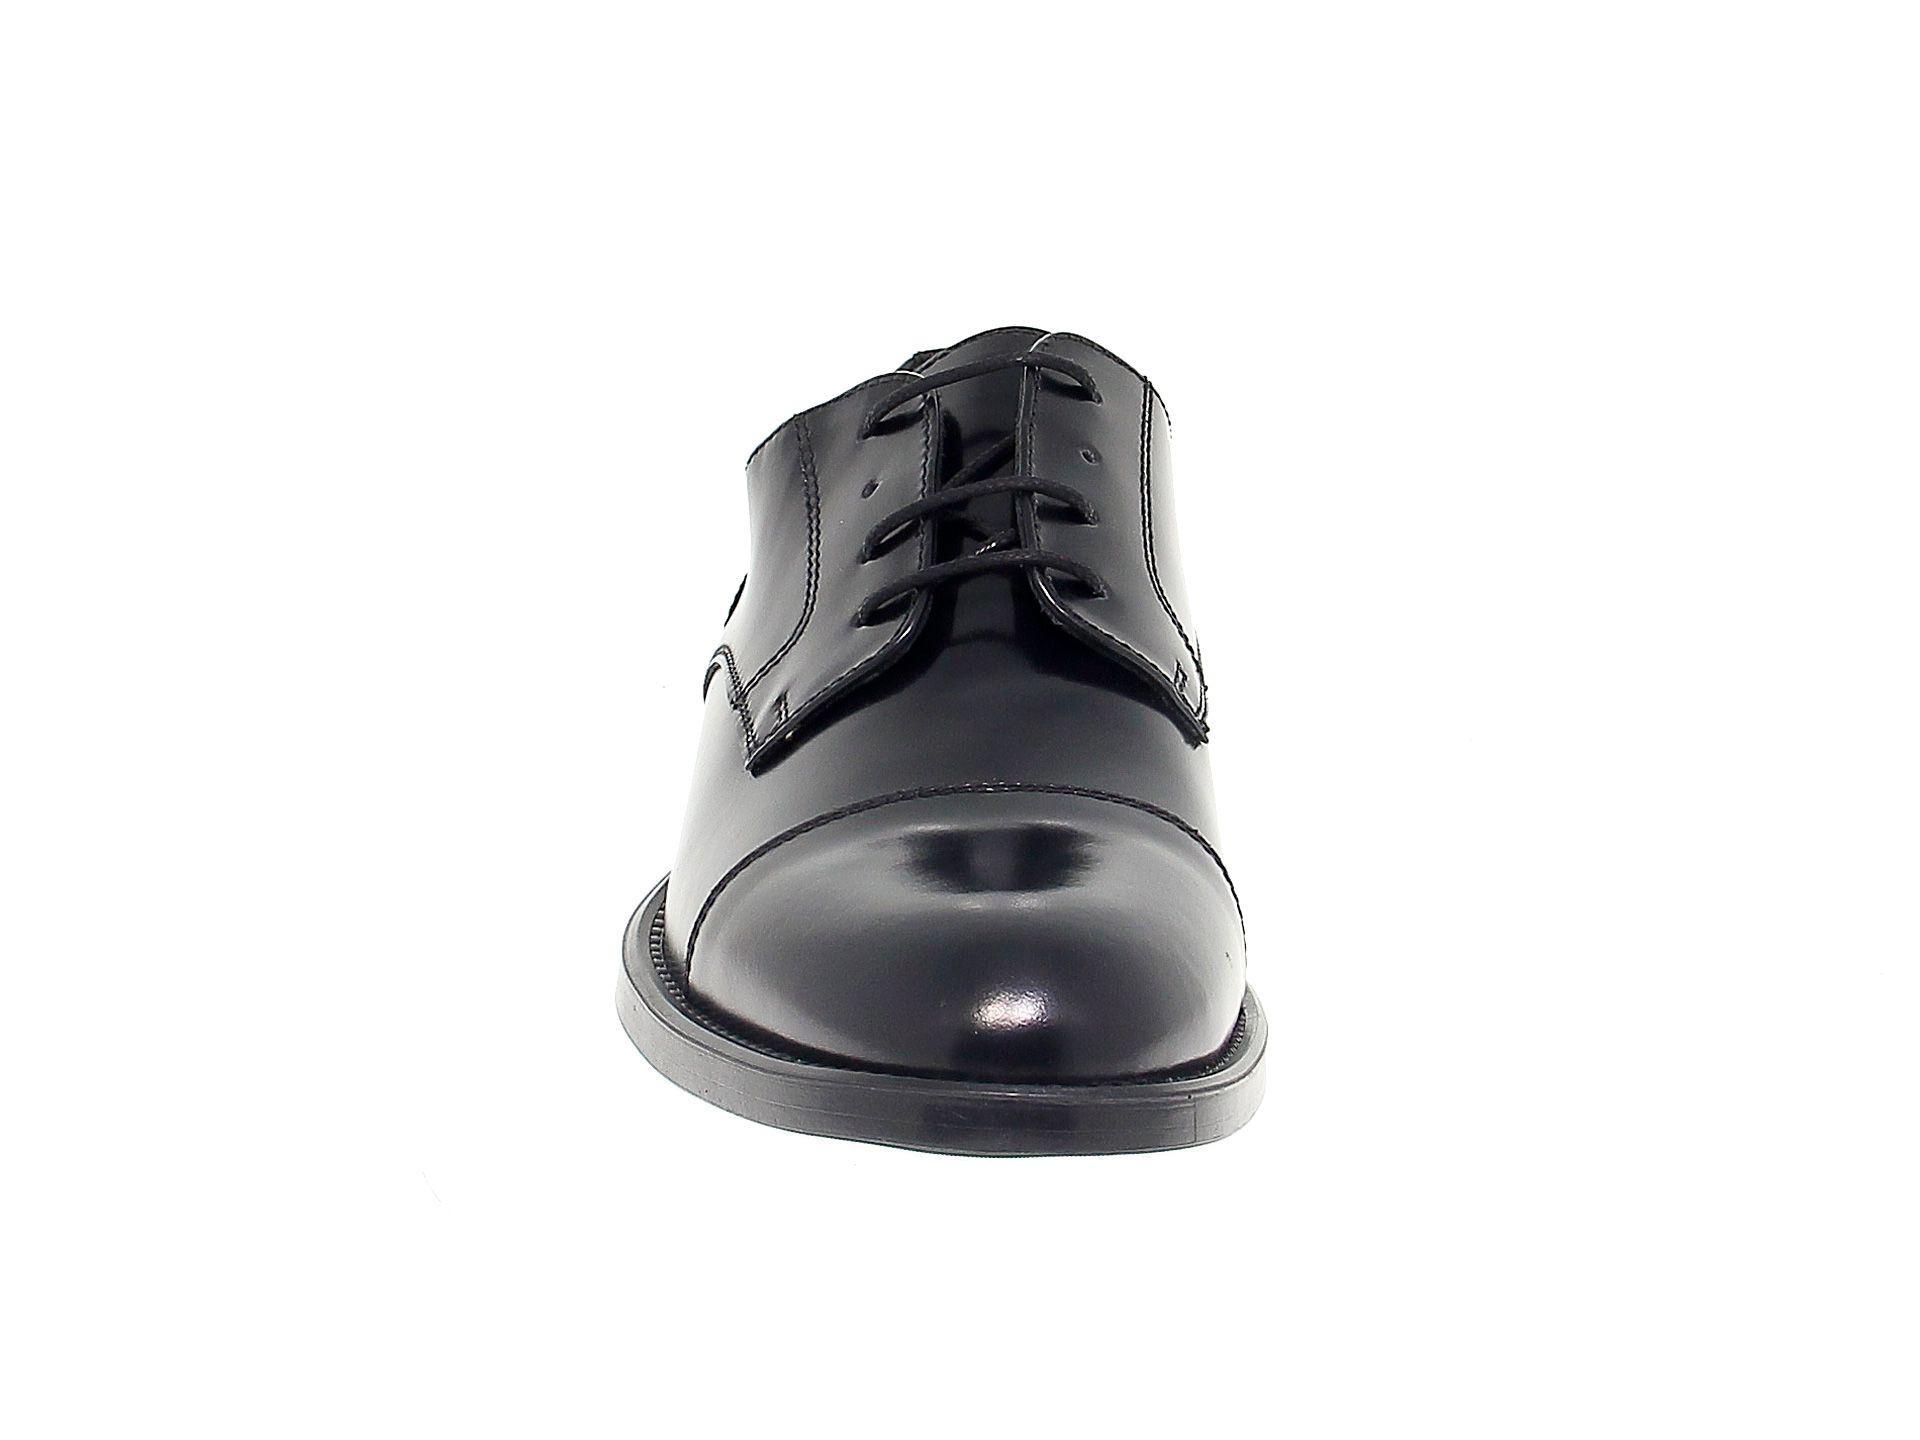 ANTICA CUOIERIA MEN'S ANTIC20622 BLACK LEATHER LACE-UP SHOES